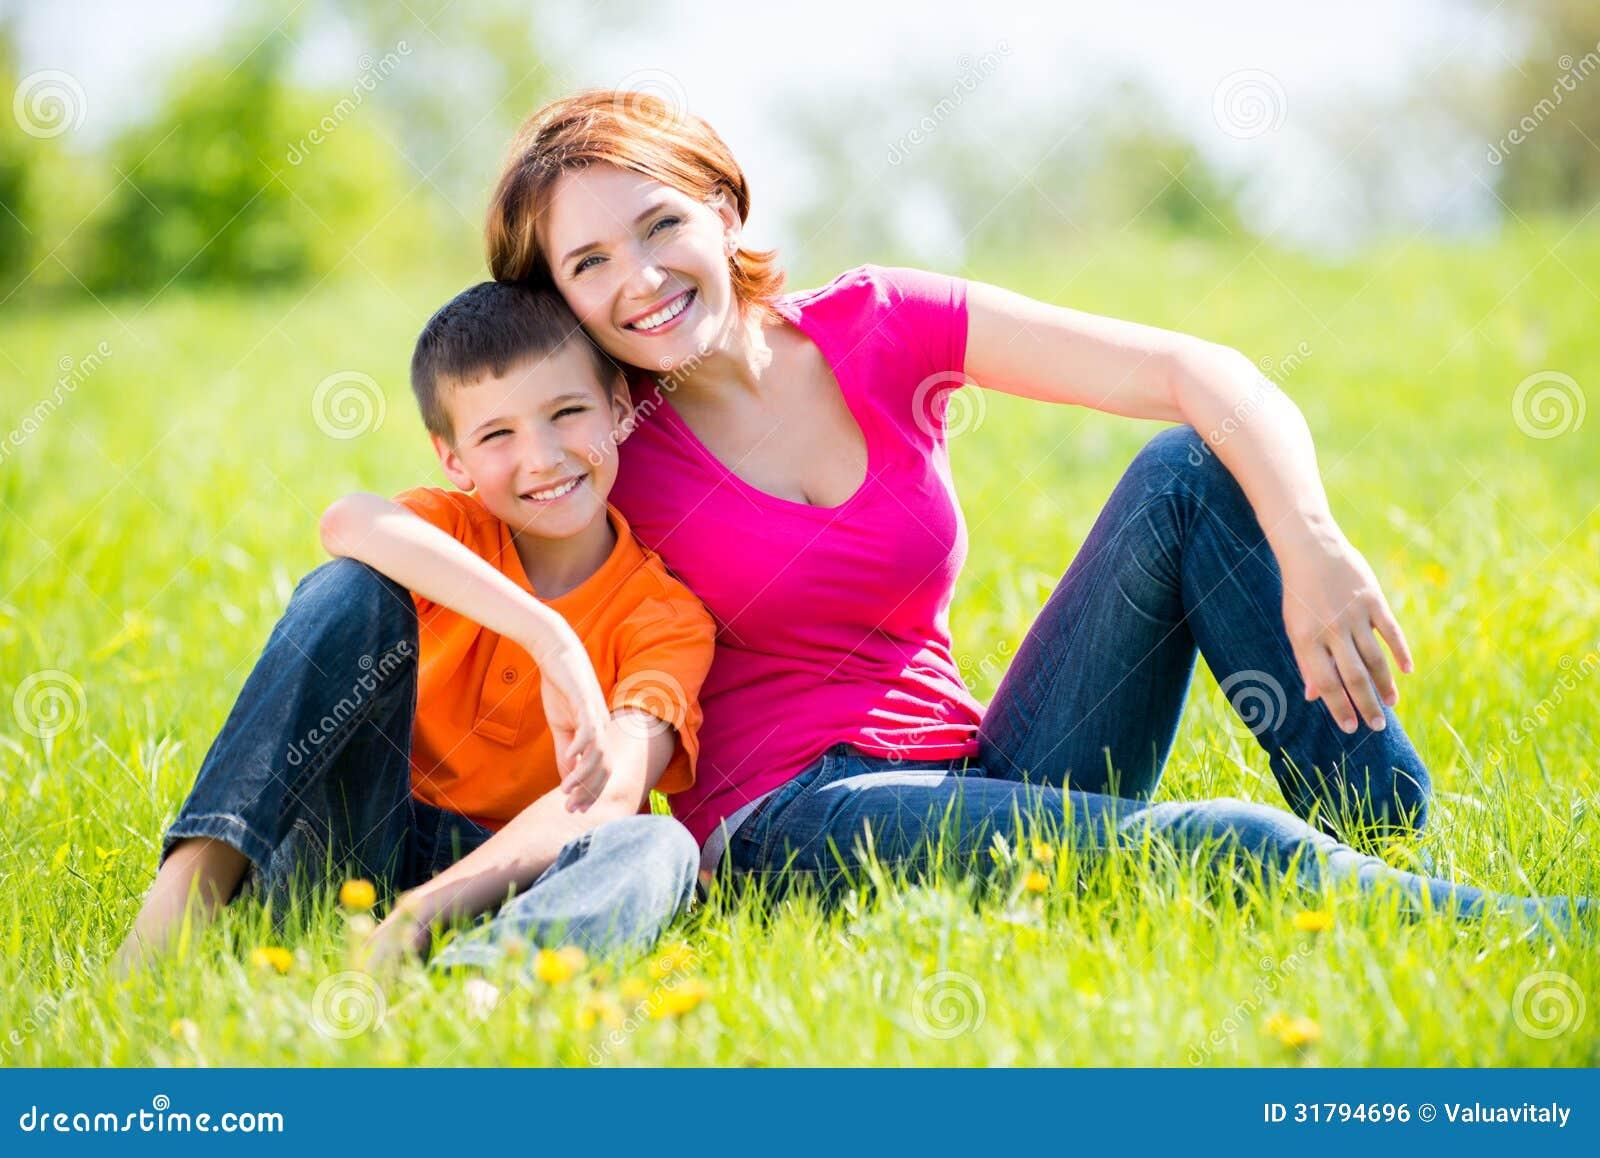 Фотосет мамы с сыном 16 фотография